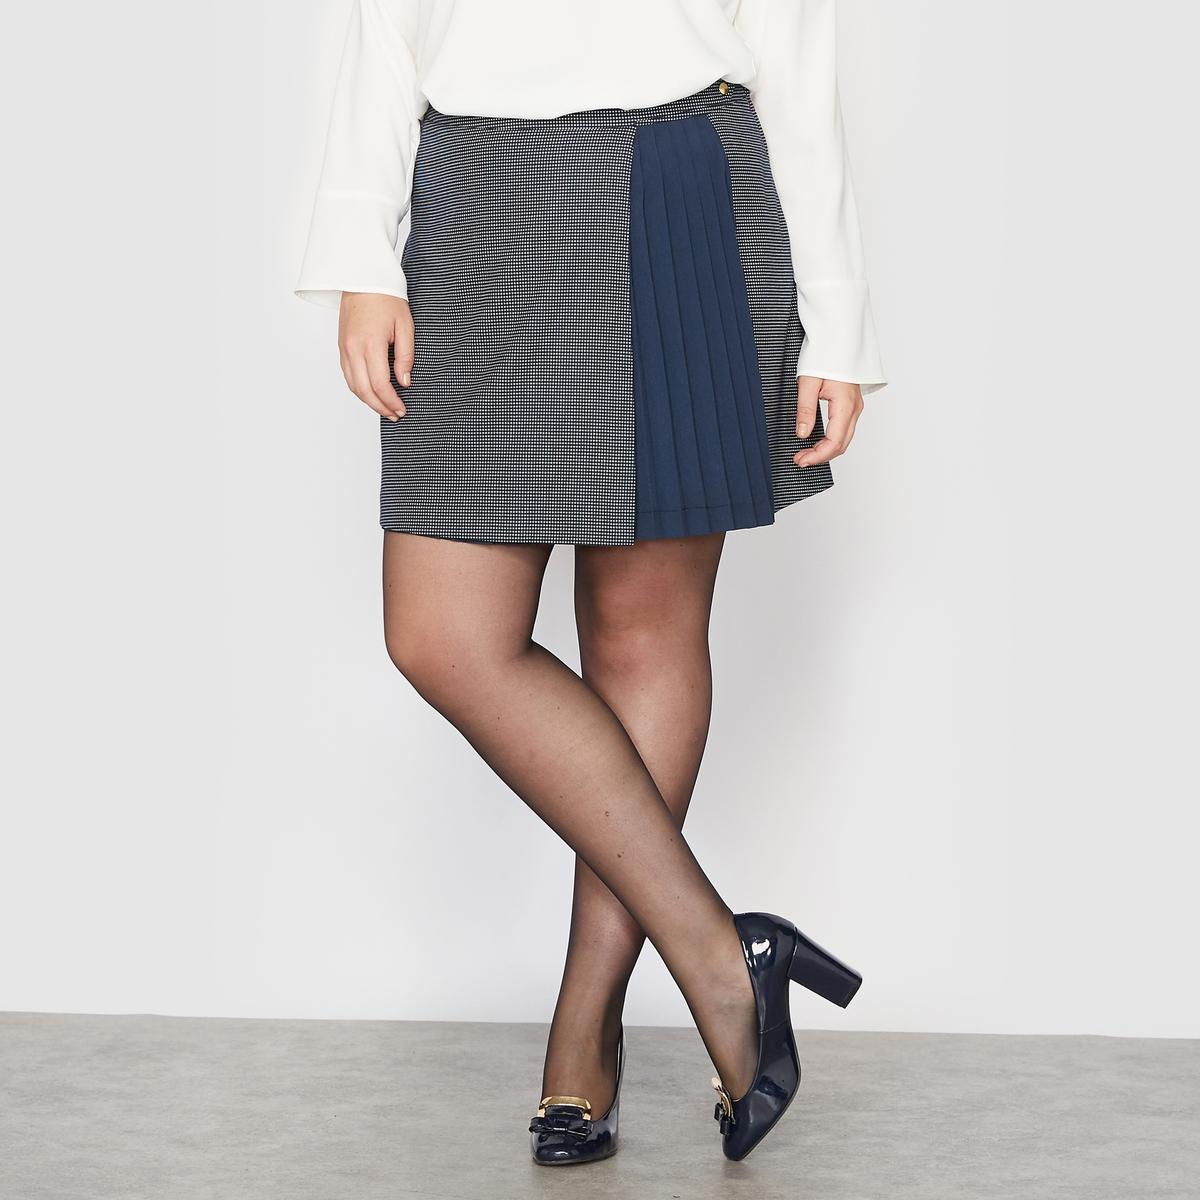 Юбка короткаяЮбка короткая с плиссированными деталями.Спереди эффект наложения одной юбки на вторую, тёмно-синюю, плиссированную. Пришитый пояс. Застёжка на молнию сбоку.Пояс спереди с фантазийными патами на кнопках.Состав и описание:Материал: ткань в мелкий горошек 65 % полиэстера, 32 % вискозы, 3 % эластана. Плиссированная вставка из вуали 100 % полиэстера. Подкладка сзади 100 % полиэстера.Длина: 47 см. Марка: CASTALUNA.Уход:- Машинная стирка при 30°С.<br><br>Цвет: темно-синий в горошек<br>Размер: 50 (FR) - 56 (RUS).48 (FR) - 54 (RUS)